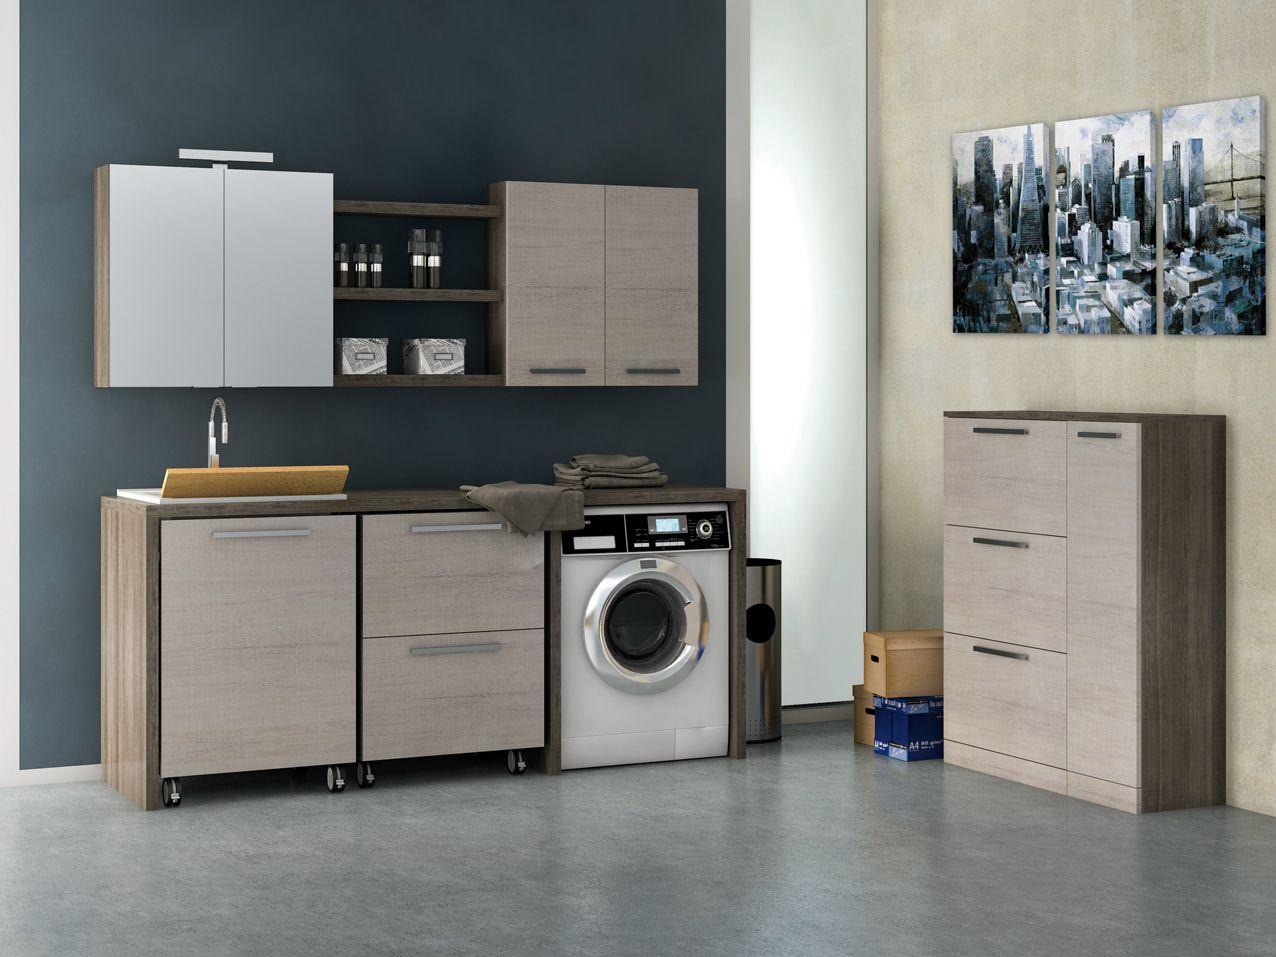 Mobile Per Lavatrice Moderno mobile lavabo per lavatrice in legno in stile moderno con